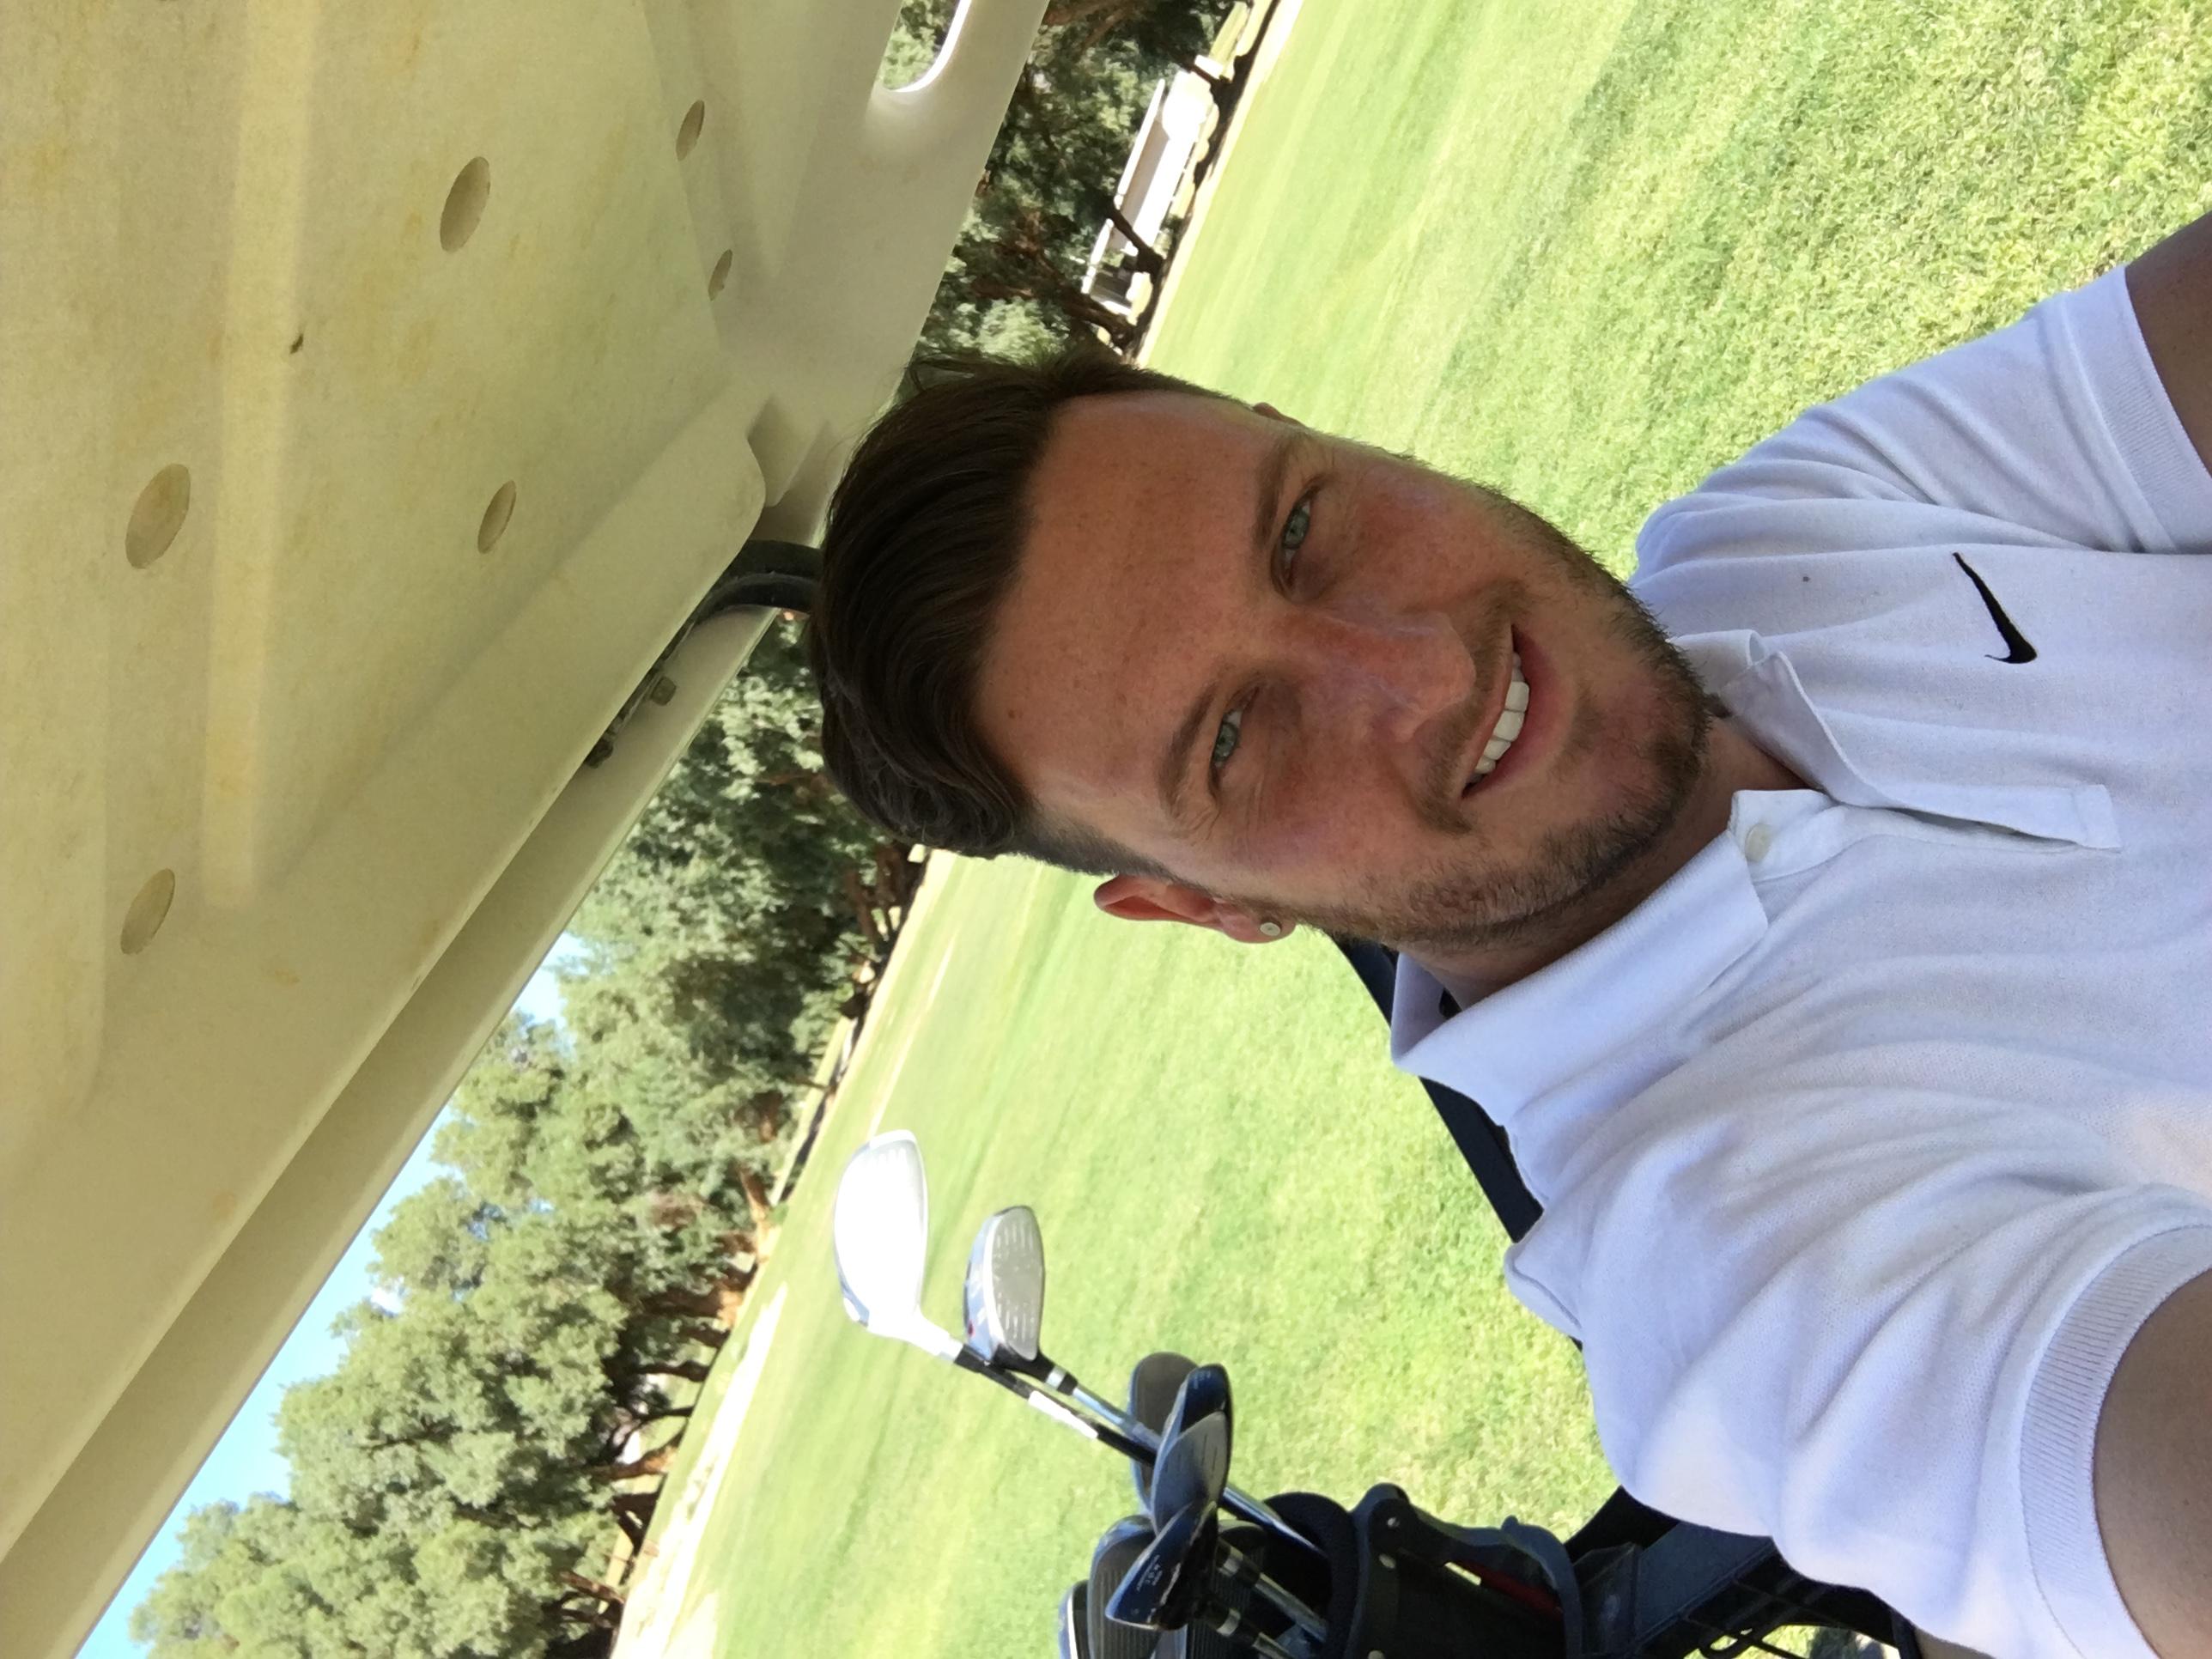 Avatar of golfer named Michael Gebhardt